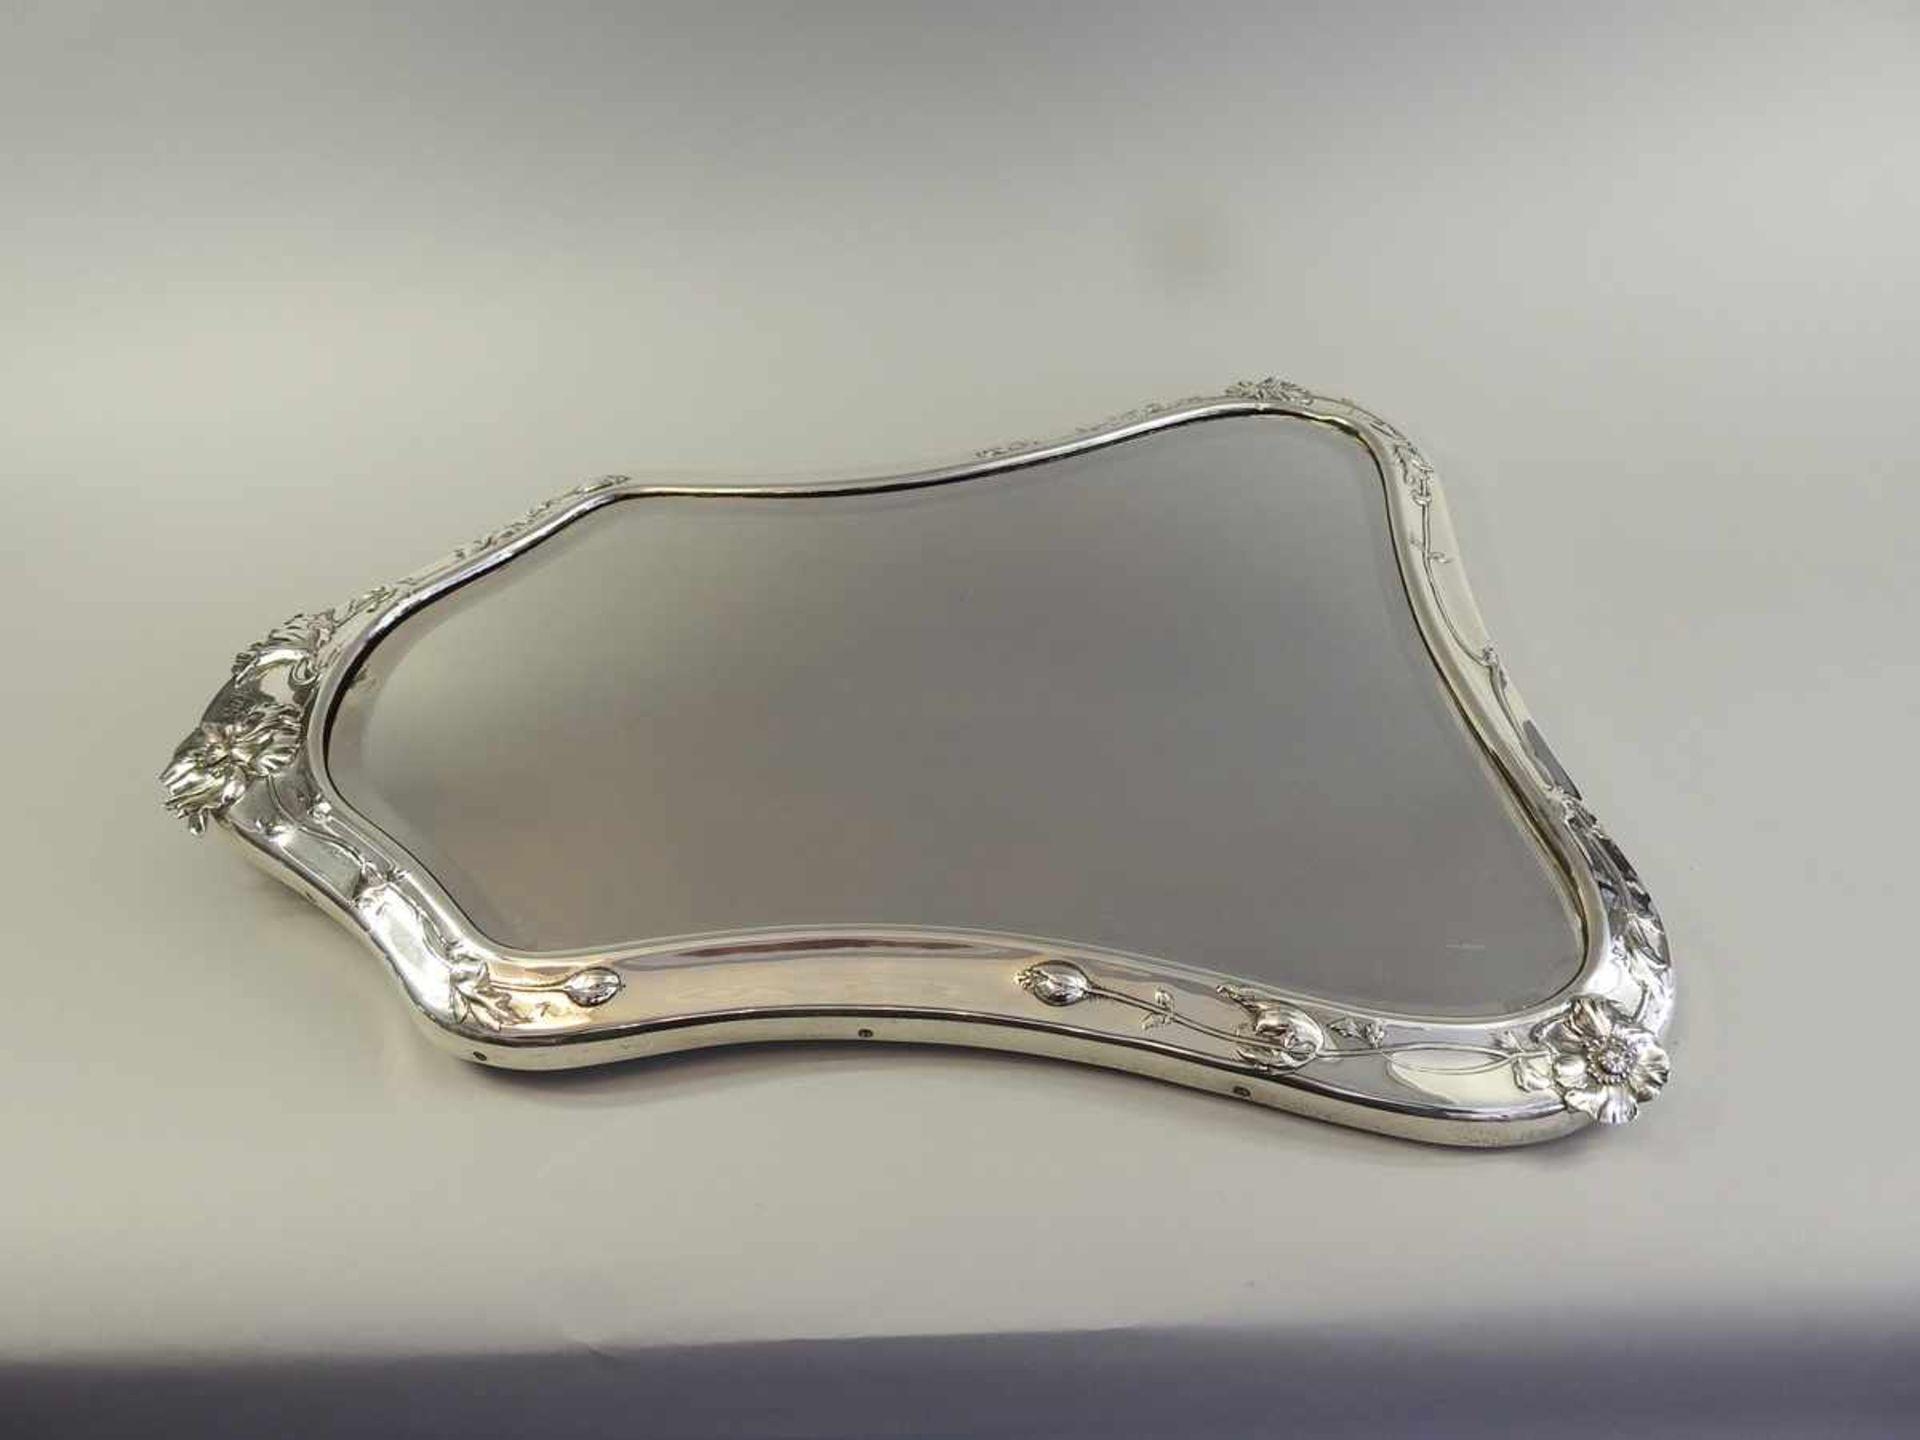 Los 18 - Jugendstil Silberspiegel Silber 900, unten am Rand punziert mit Halbmond und Krone, 900 und Vase mit